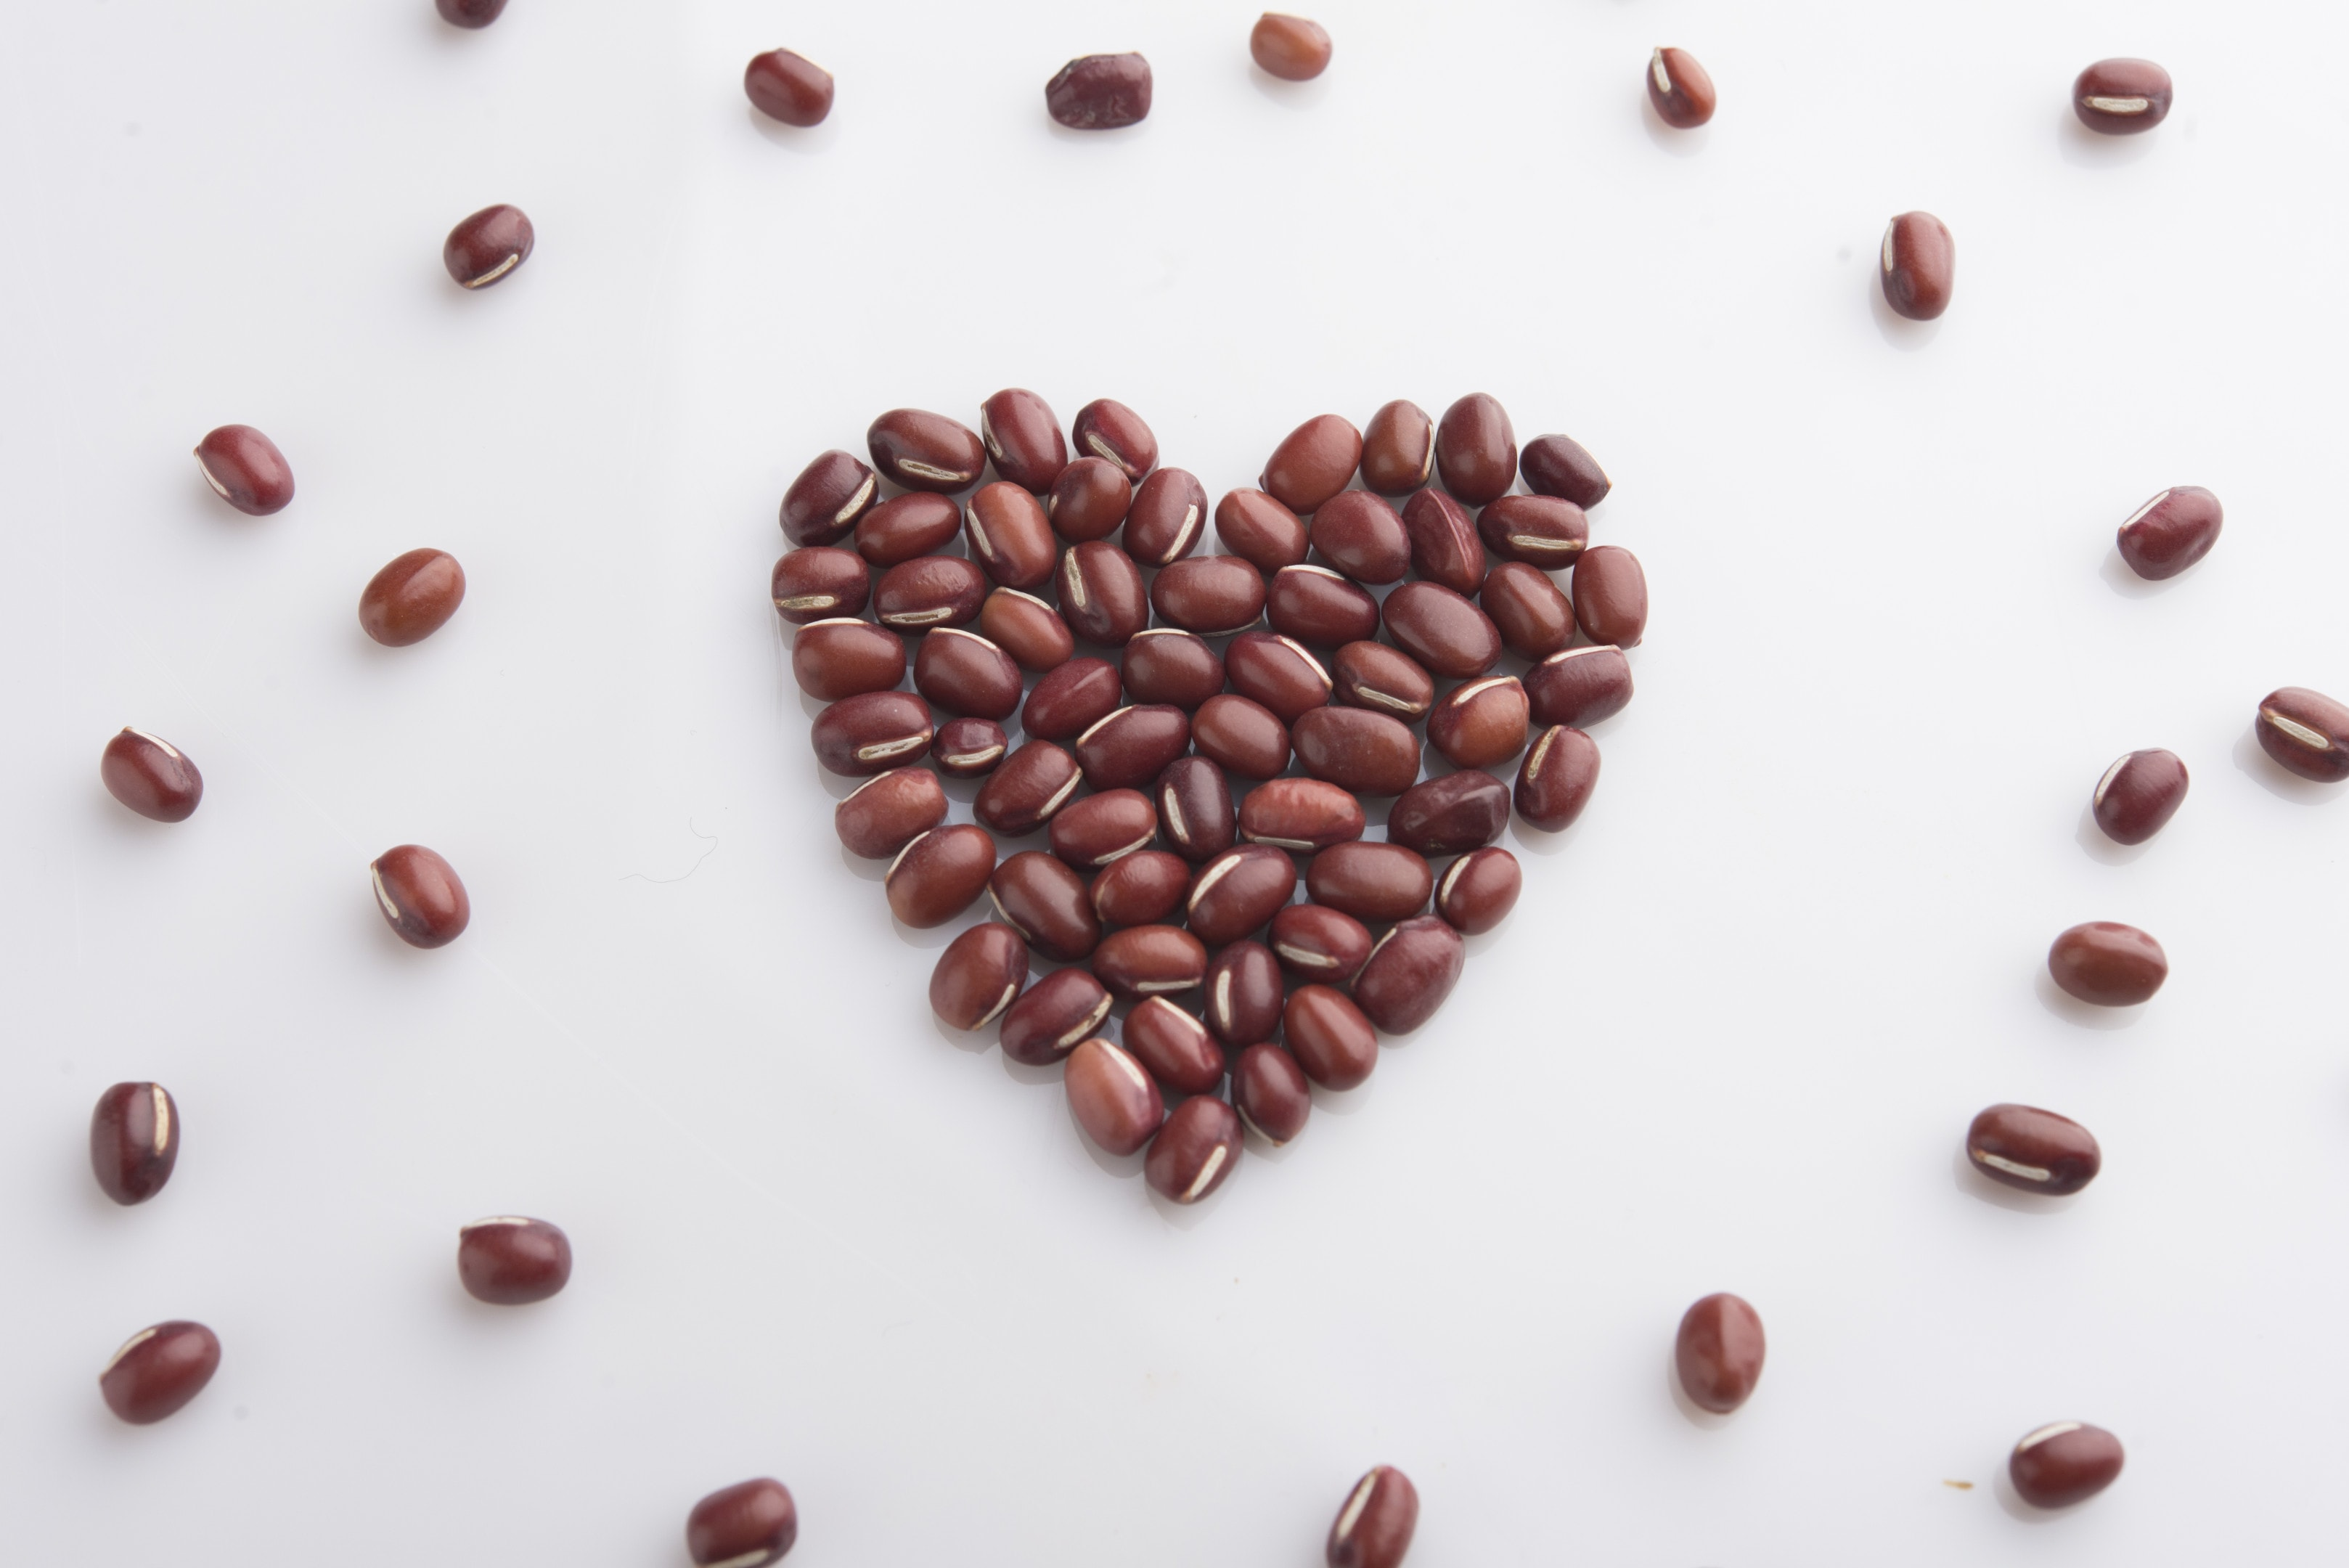 Adzuki beans heart assortment